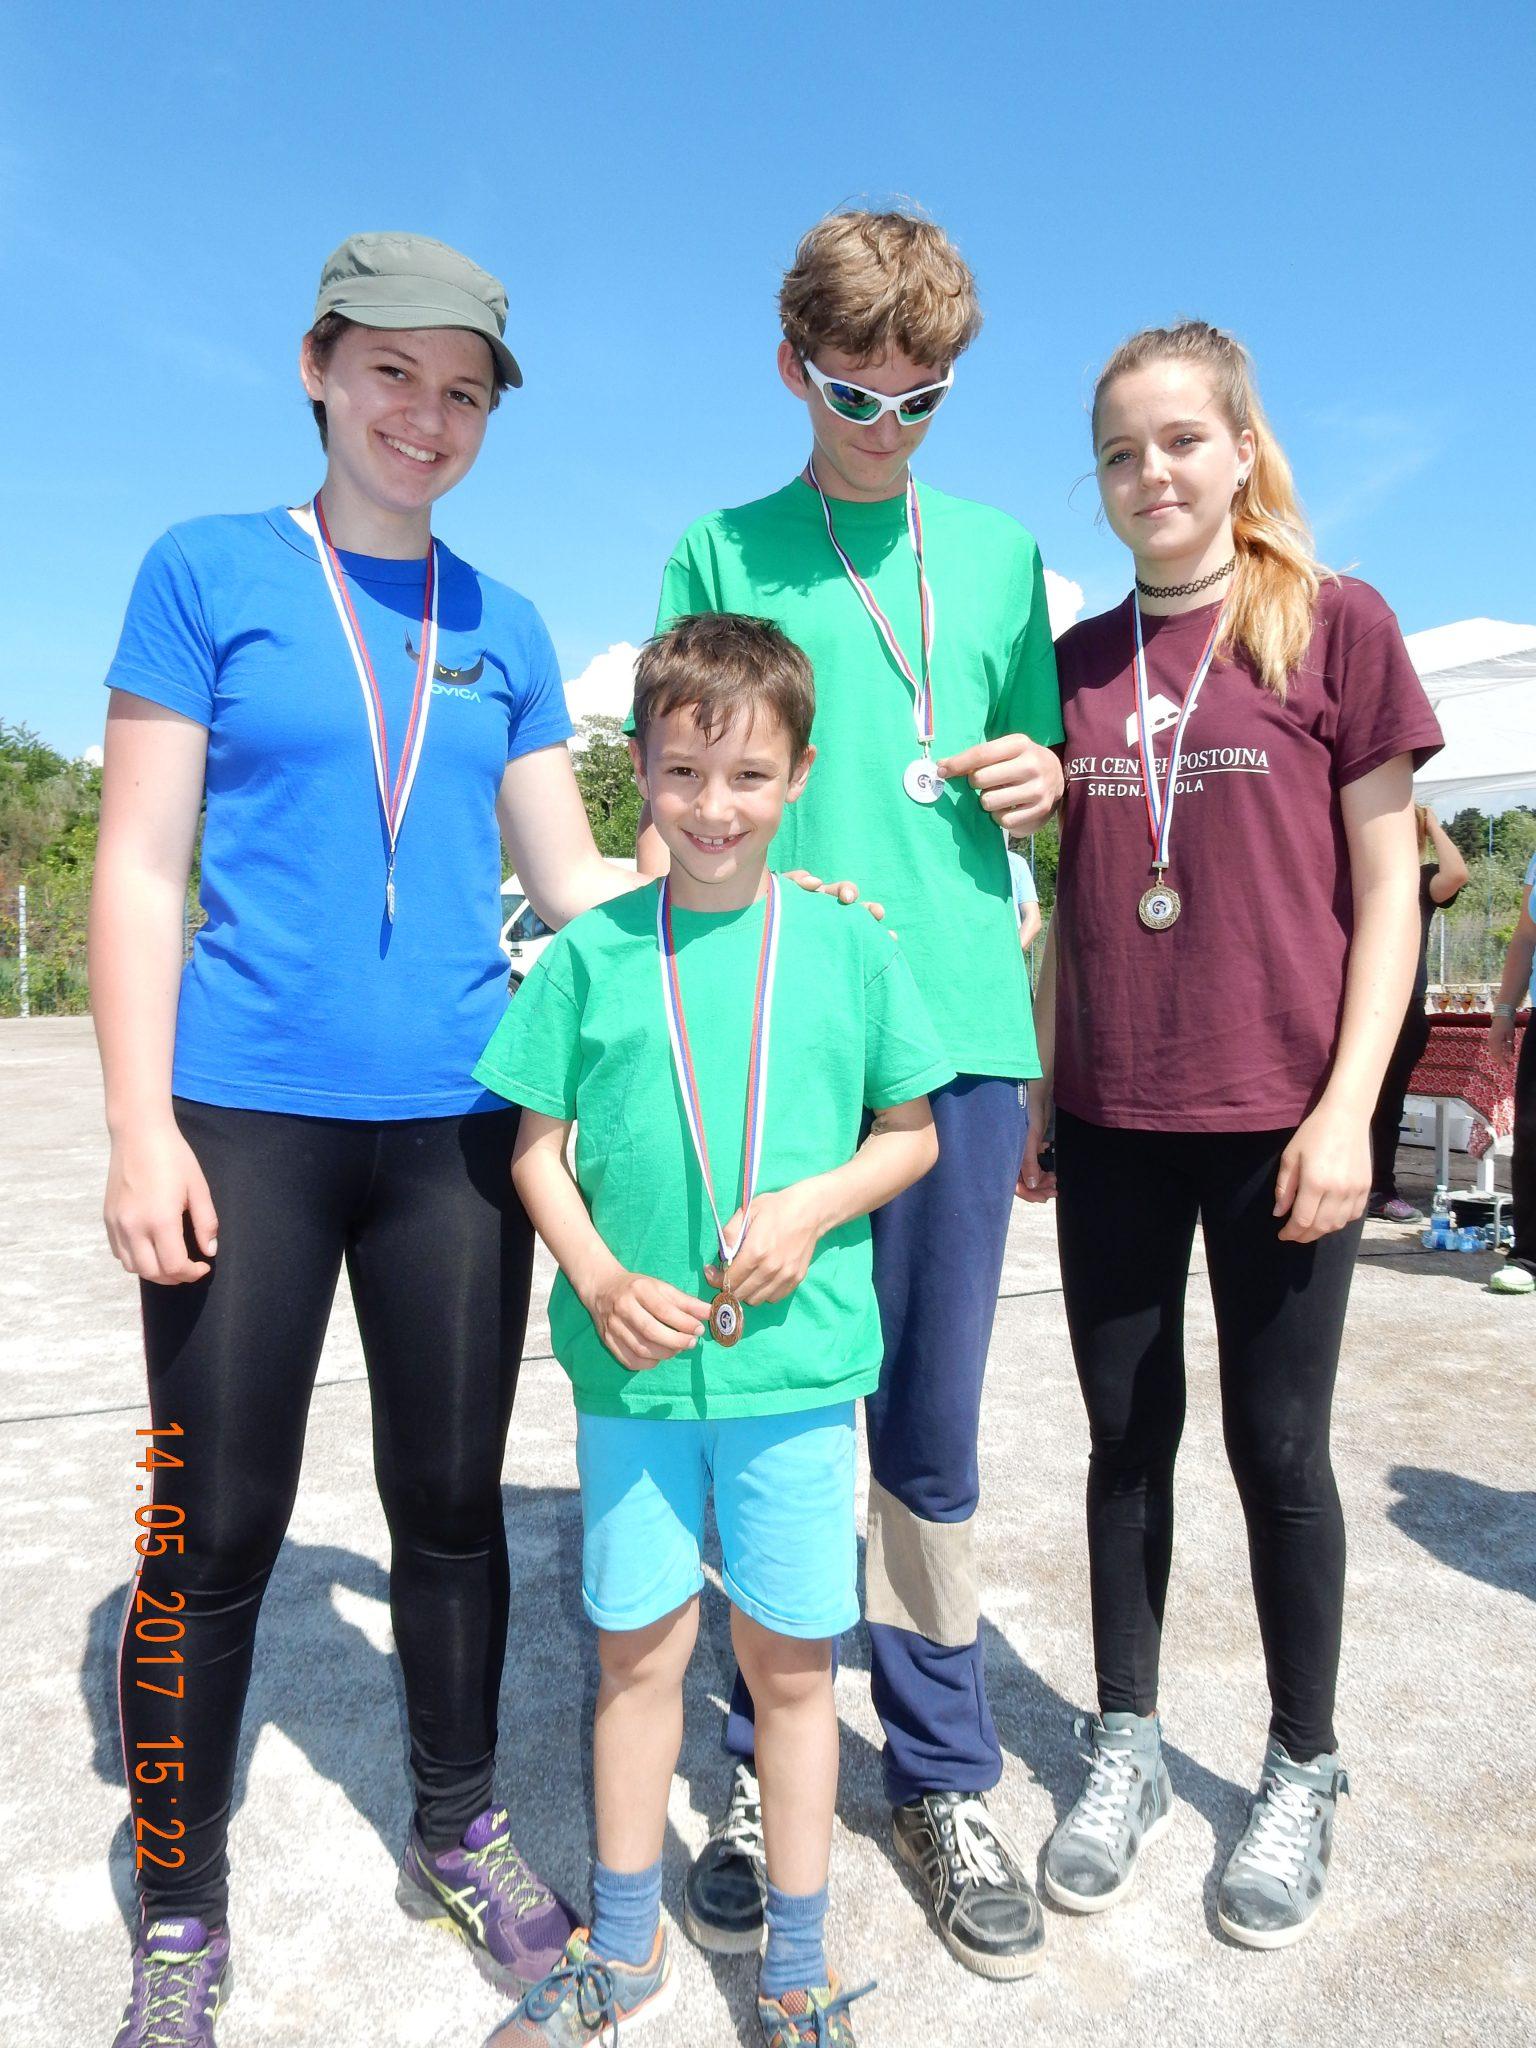 medalje - Lokostrelci osvojili prve medalje!